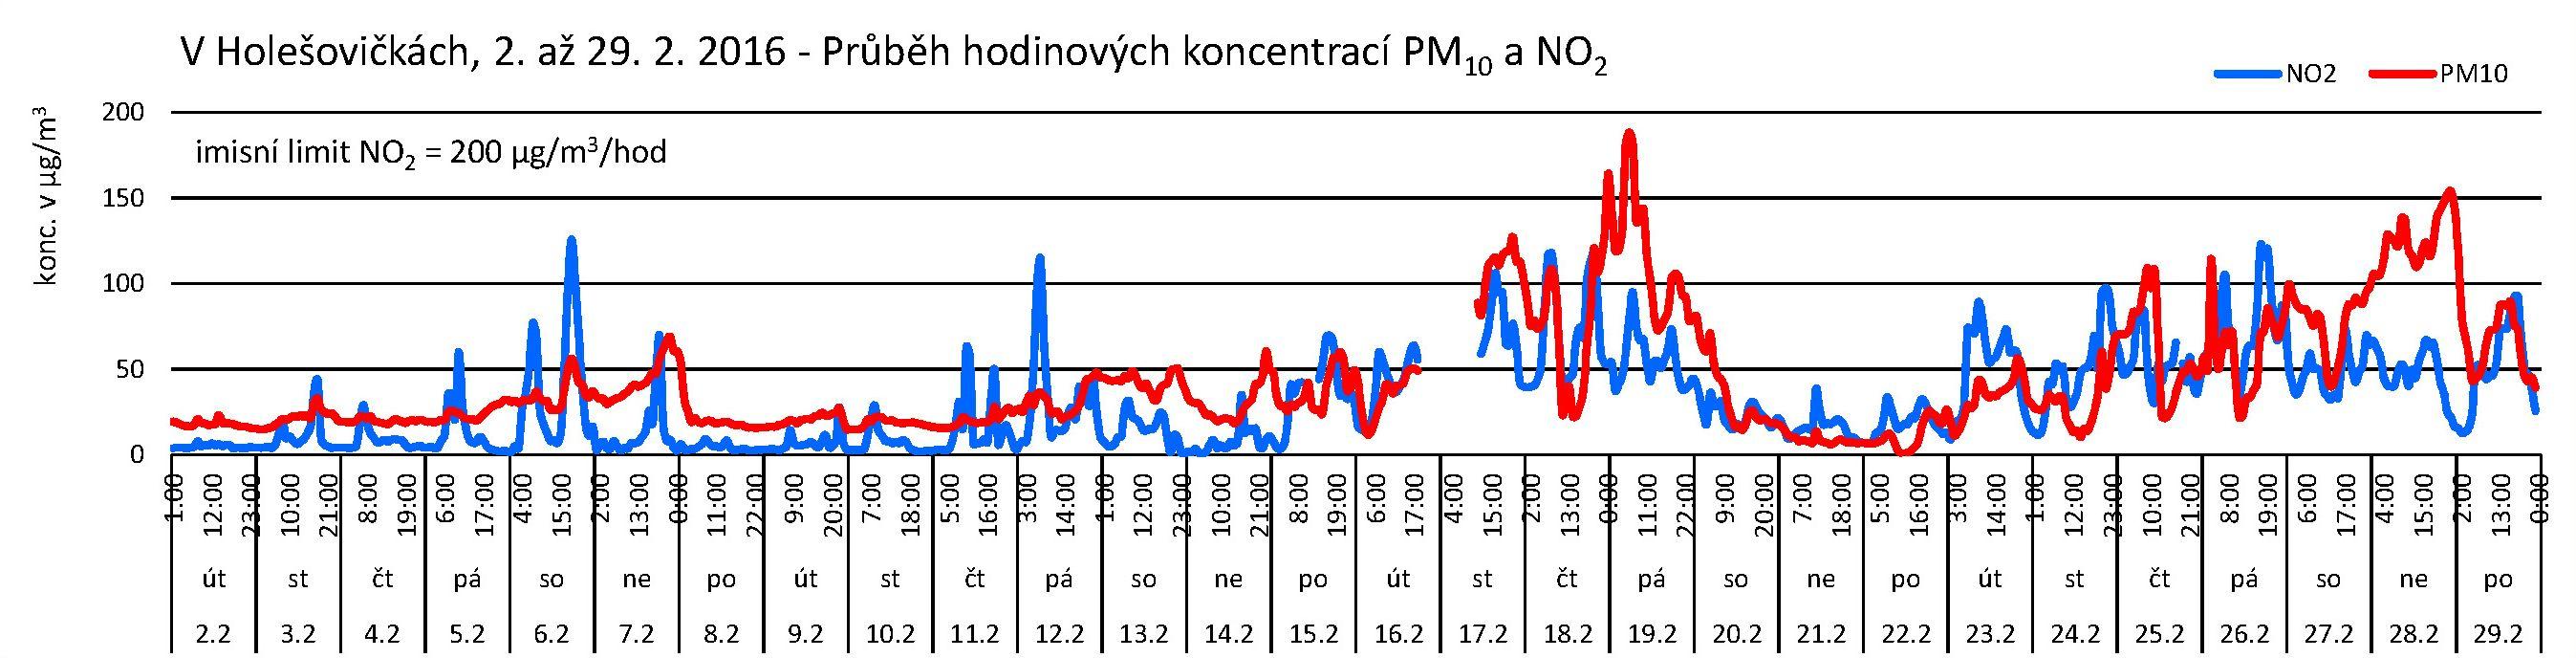 V Holešovičkách - 02.2016 - NO2 a PM10